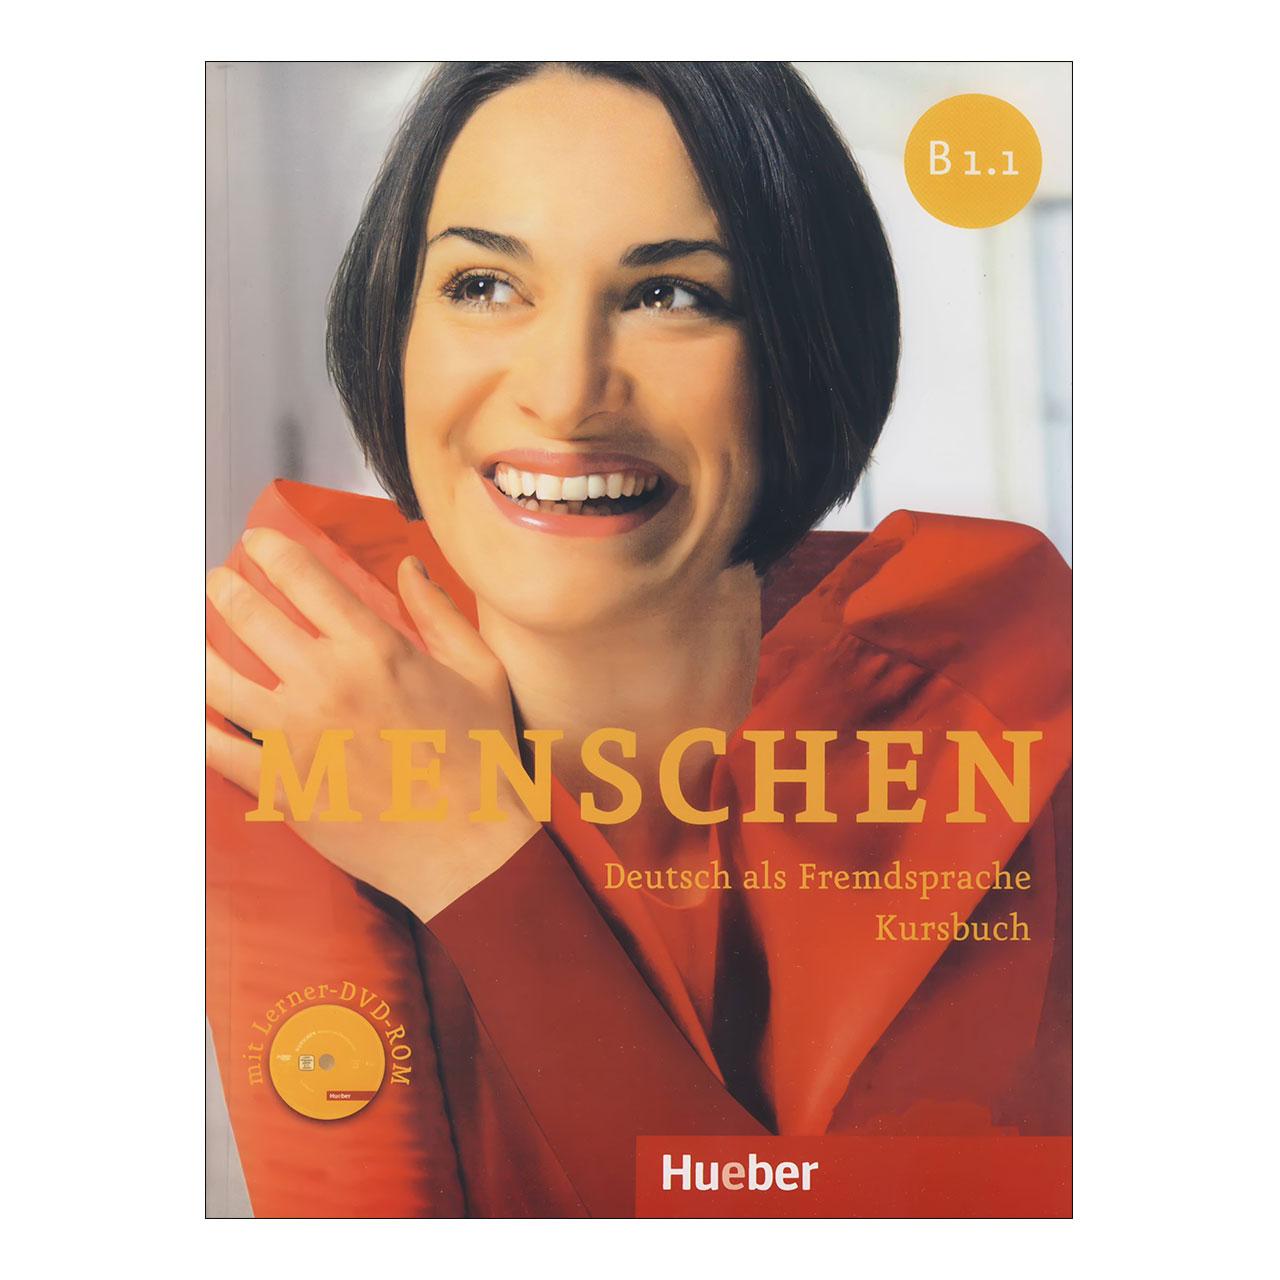 خرید                      کتاب menschen B1.1 اثر جمعی از نویسندگان انتشارات Hueber